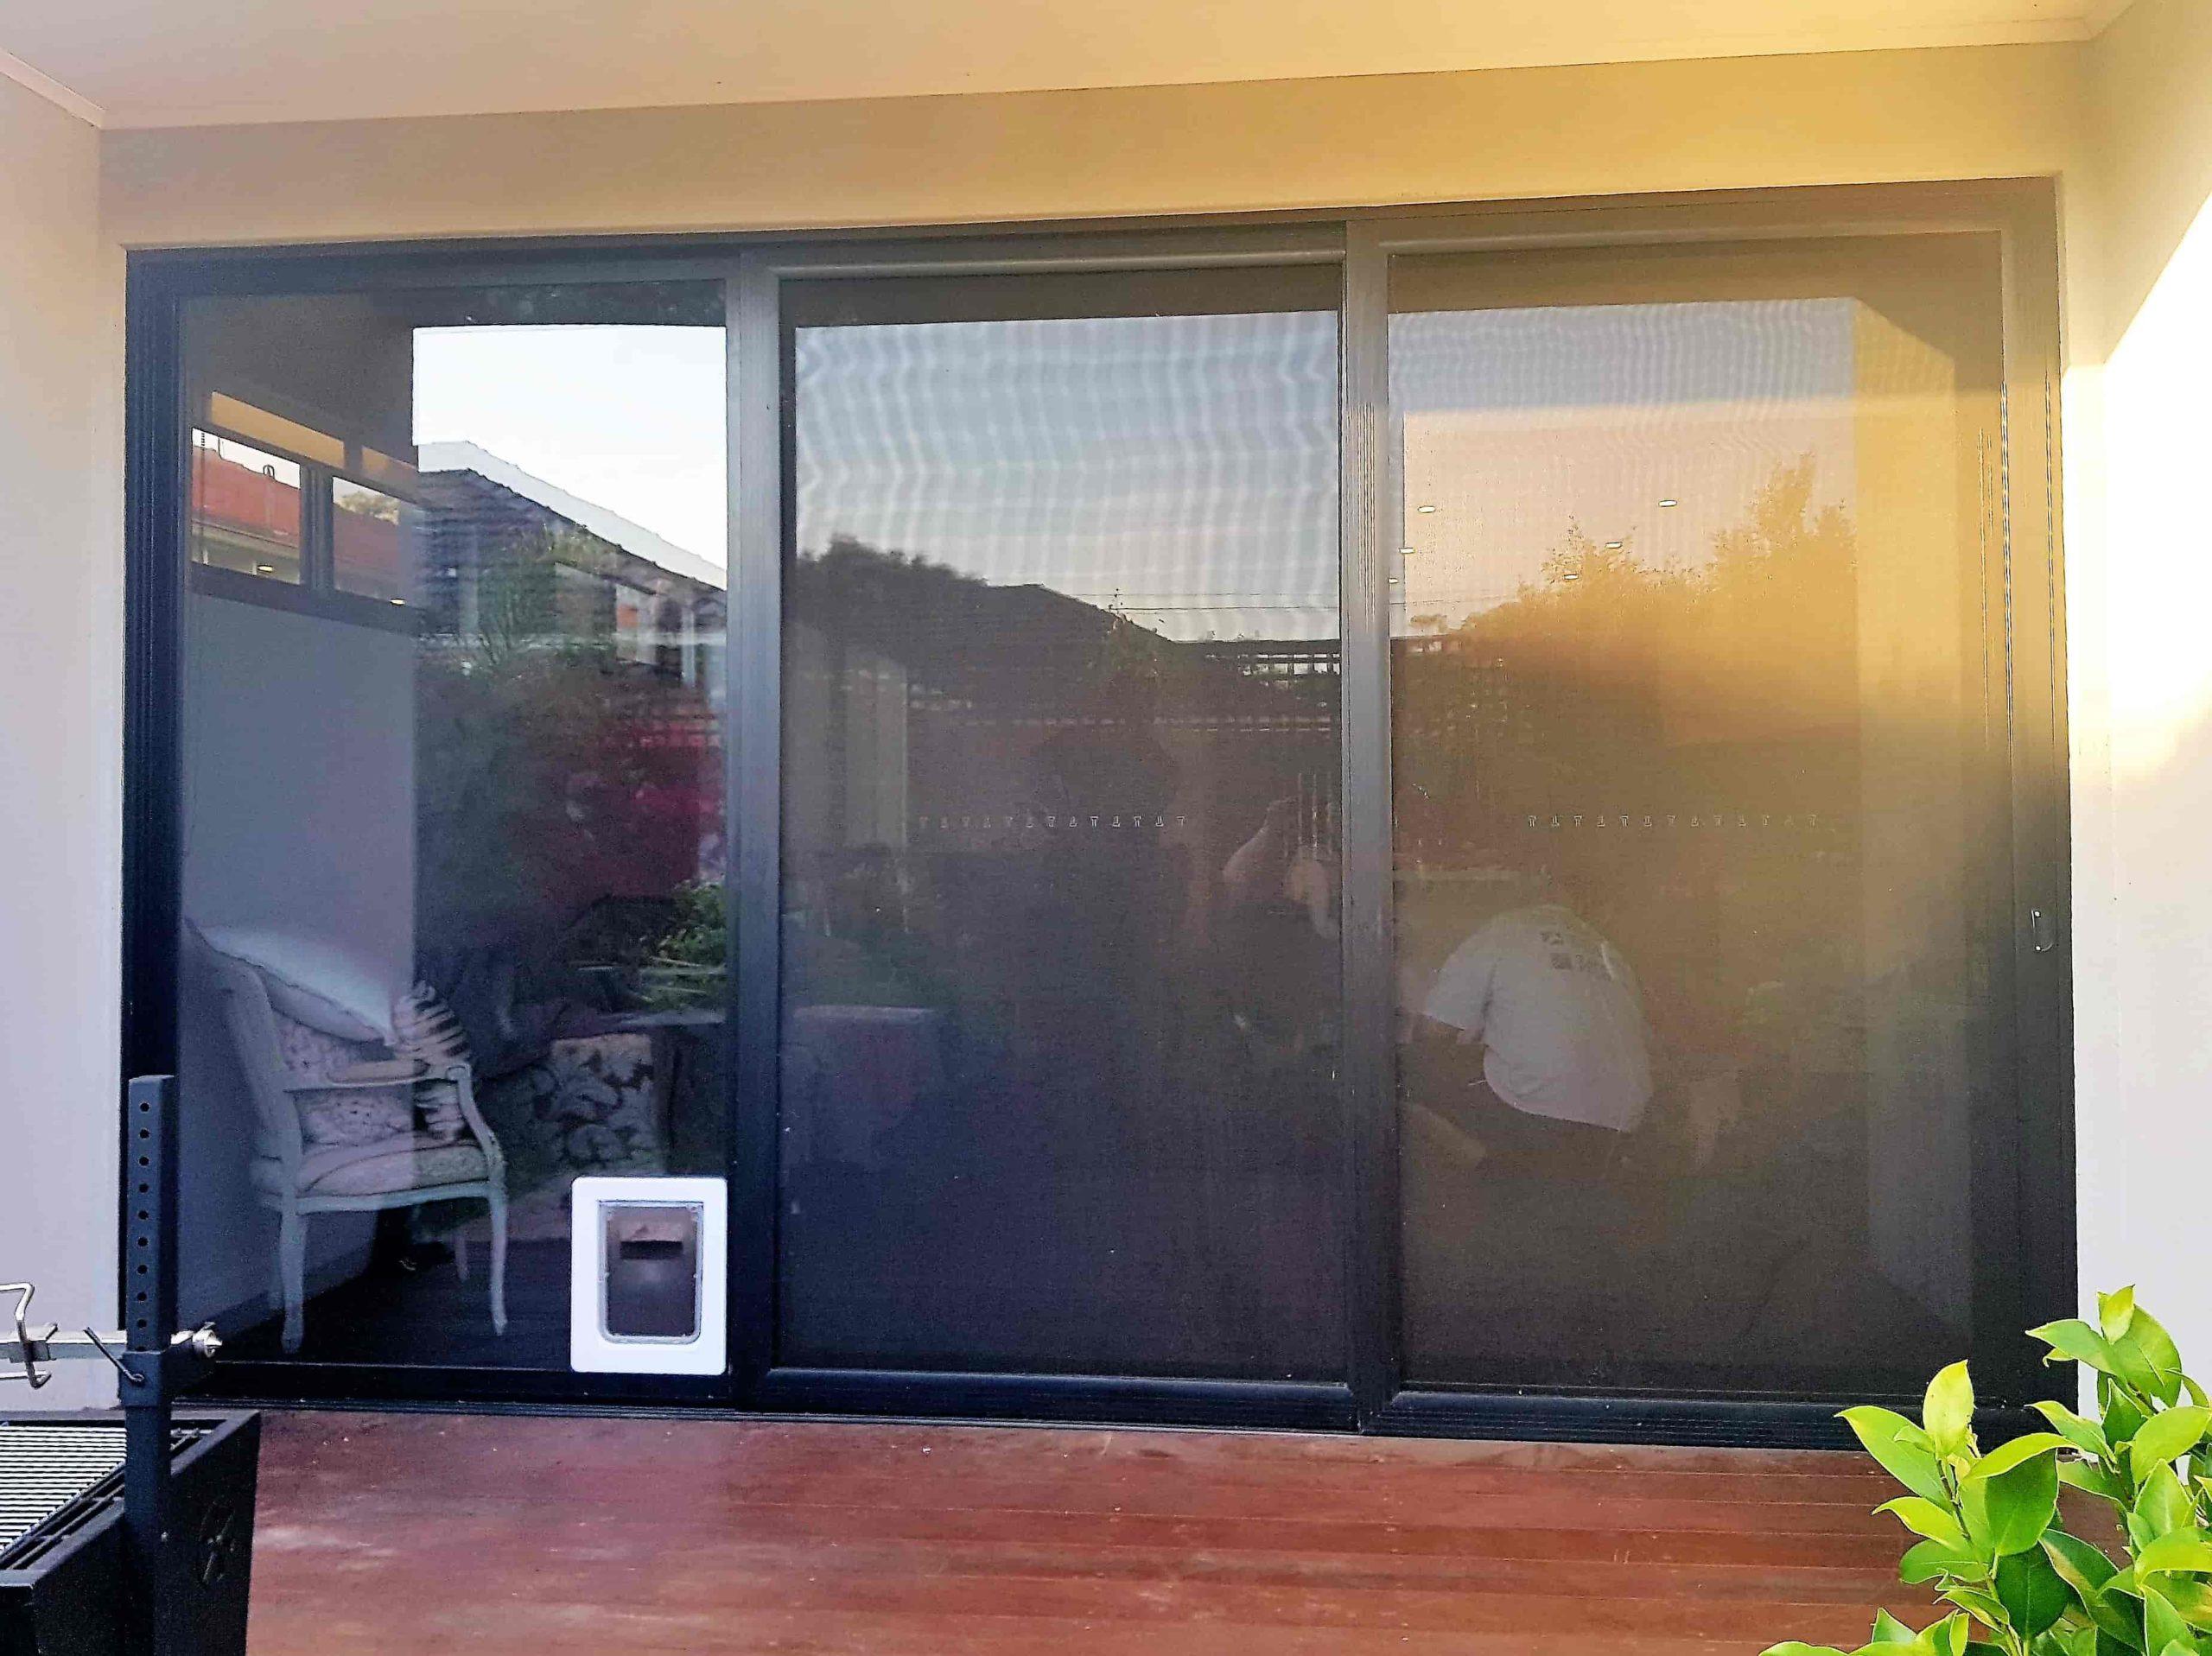 Small Pet Cat Flap Amp Dog Door For Glass Security Door